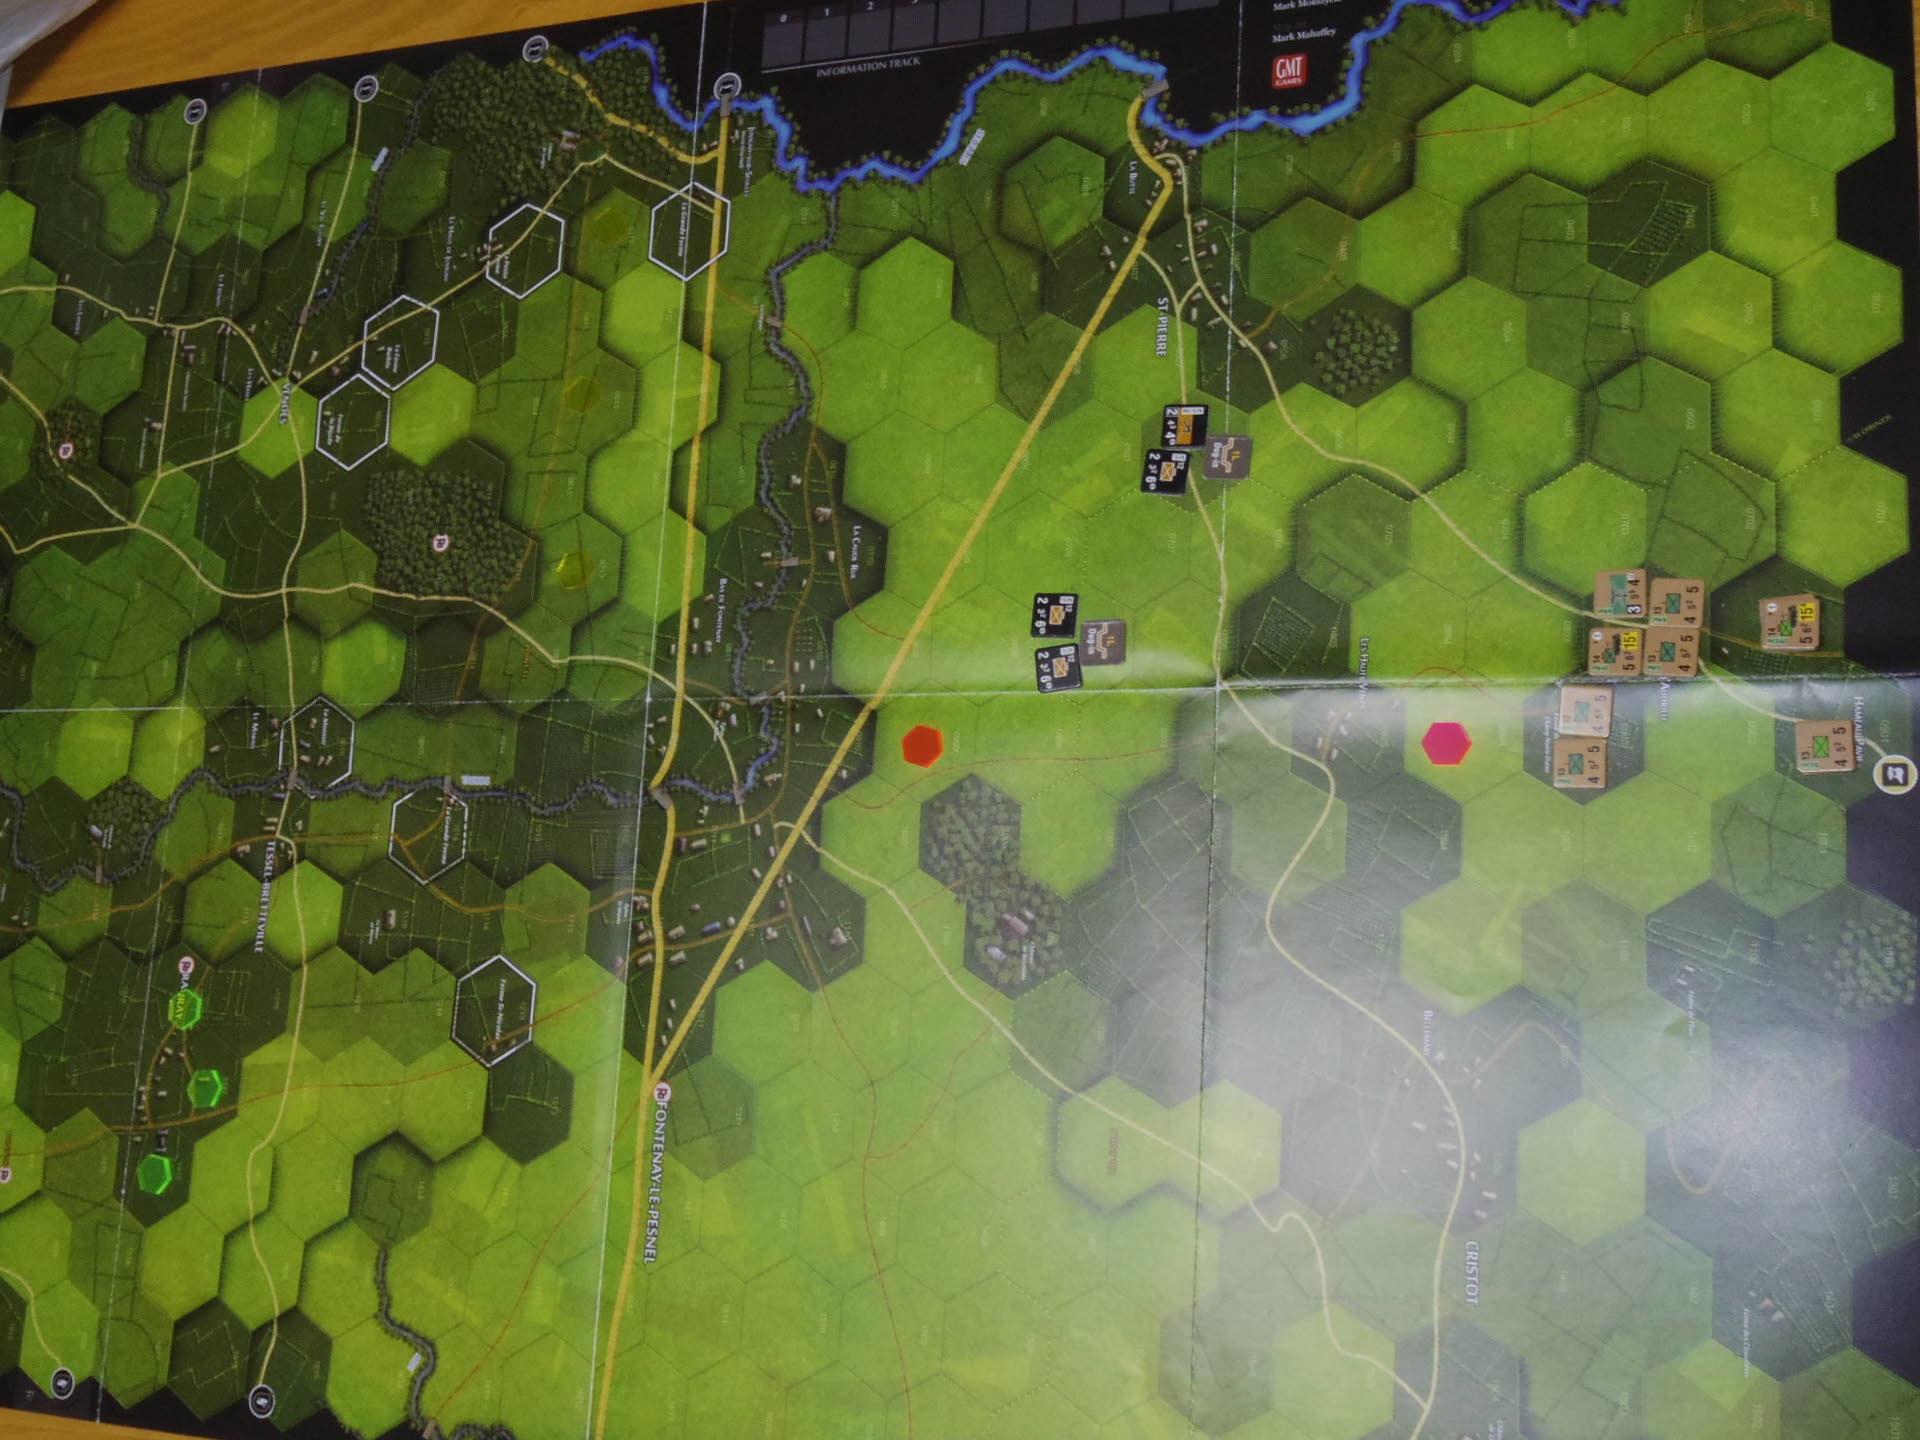 (GMT)ドーントレス作戦:練習シナリオ3「Recon Roundup(偵察の仕上げ)」からシナリオ18.1「Nightmarish Crossroad(悪夢のクロスロード)」その㈠_b0173672_01190747.jpg